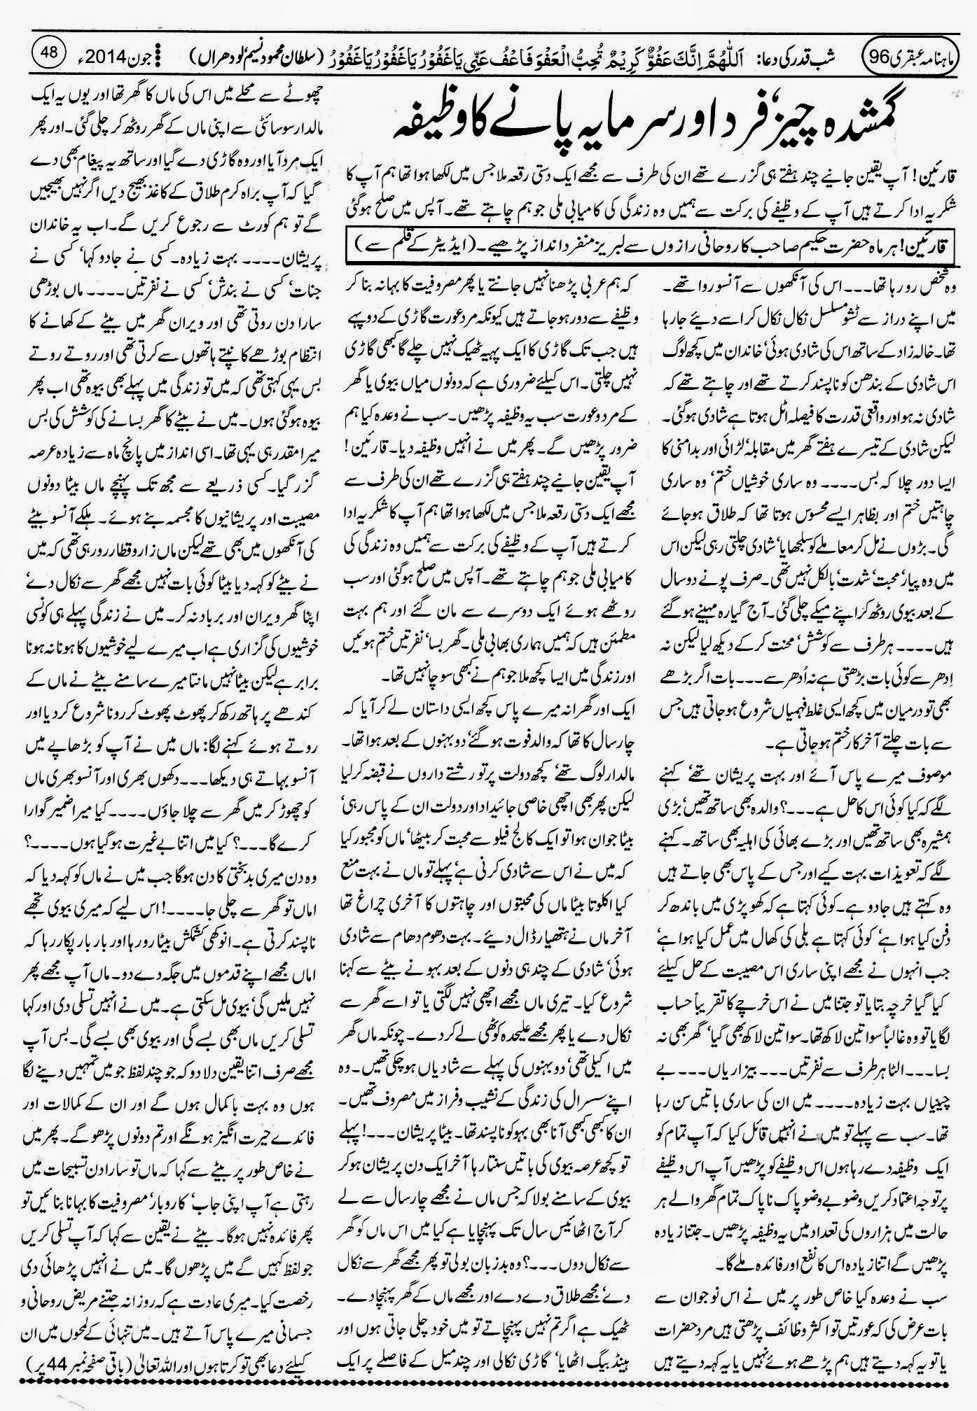 ubqari june 2014 page 48